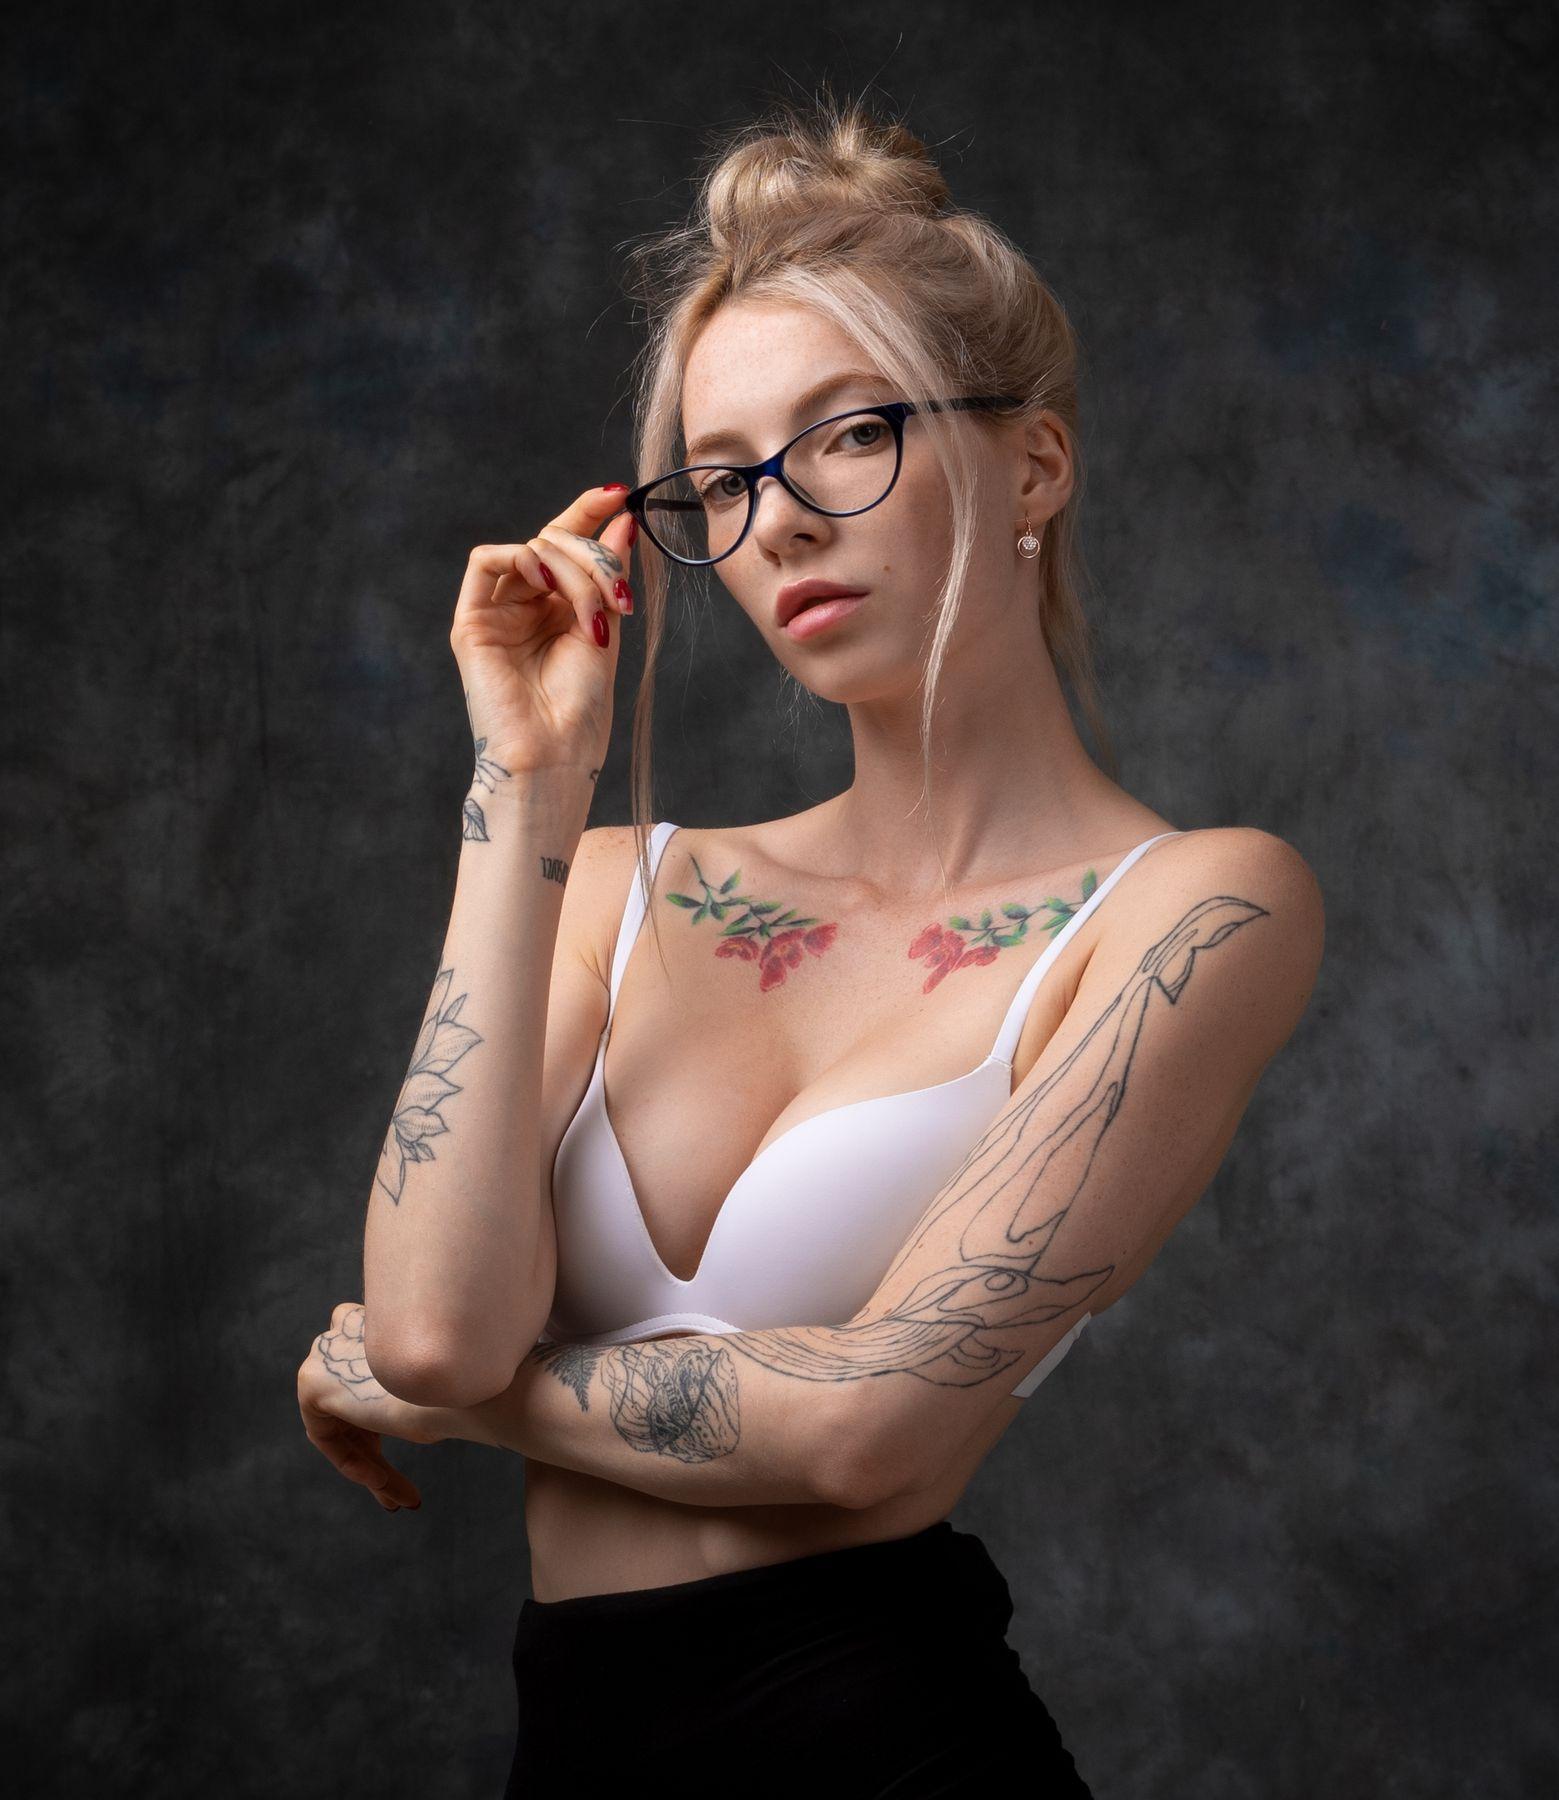 Александра Студийный портрет Арт красивая девушка женский фотосессия будуар